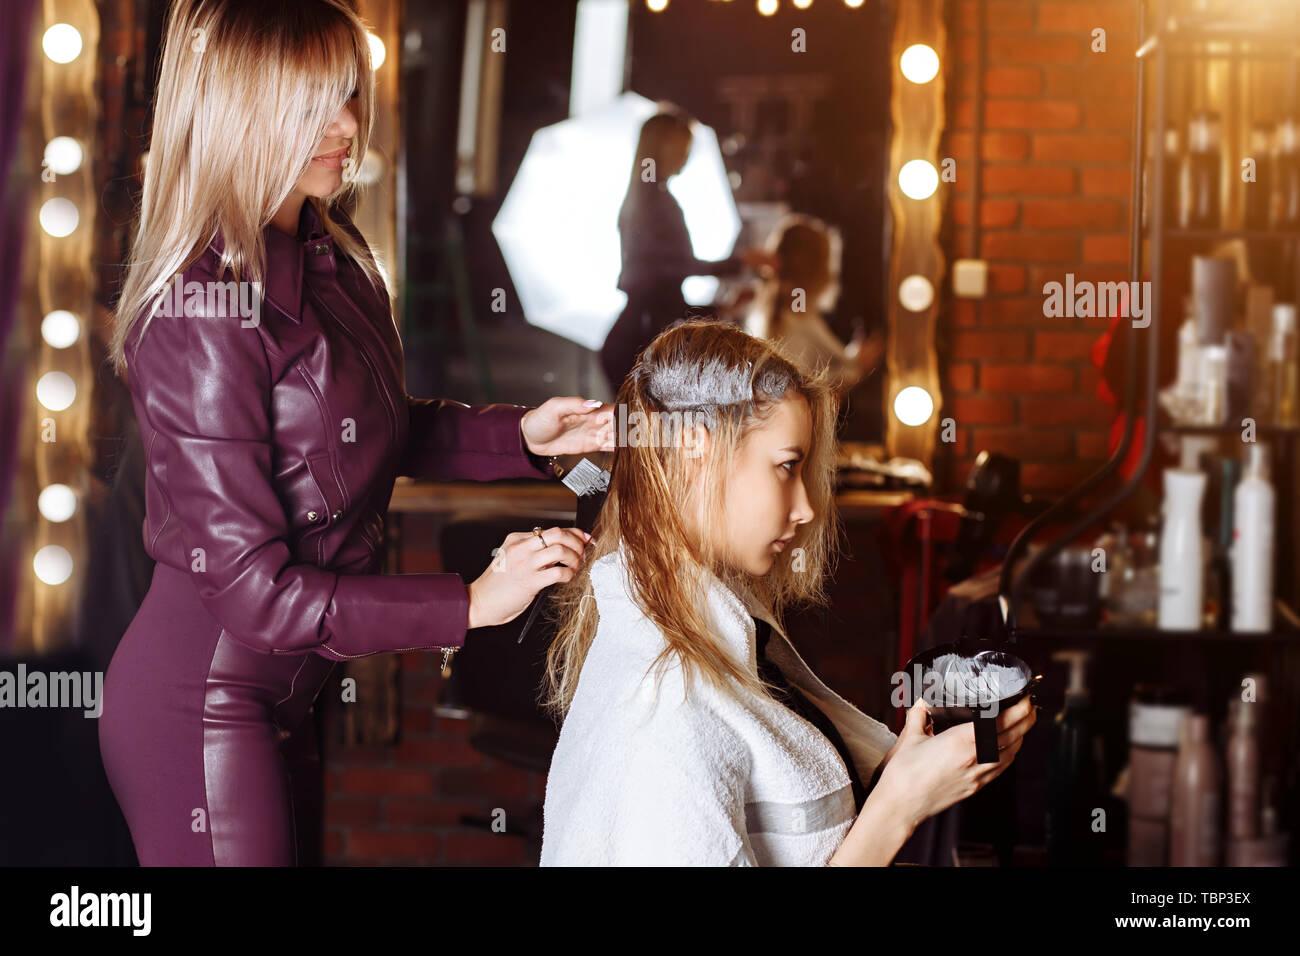 Friseurdienstleistungen Stockfotos Friseurdienstleistungen Bilder